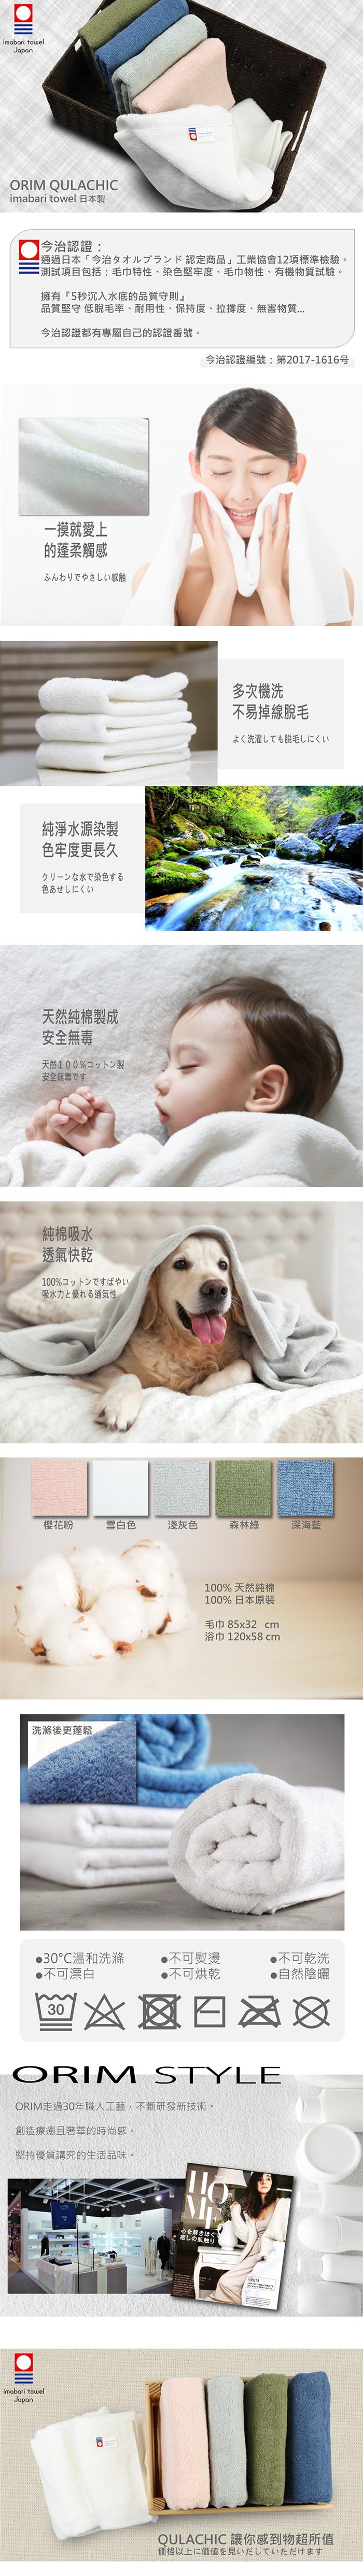 日本品織|ORIM QULACHIC 今治毛巾 - 淺灰色